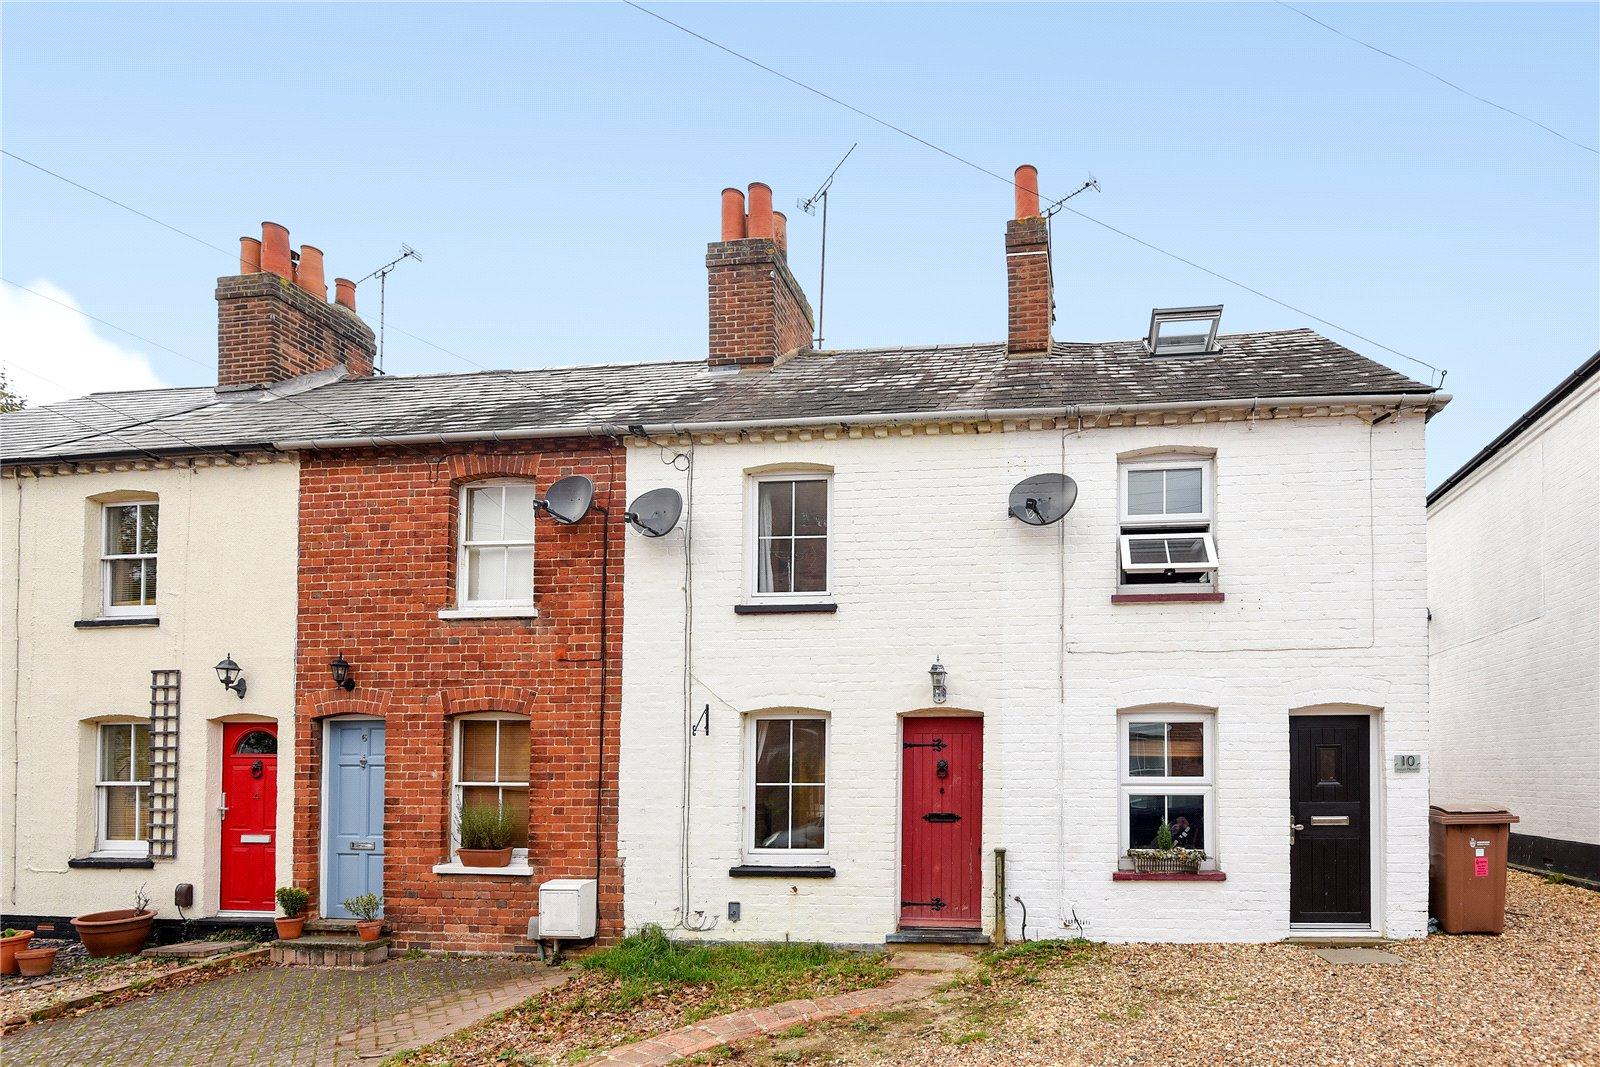 2 Bedrooms Terraced House for sale in Mount Pleasant, Wokingham, Berkshire, RG41